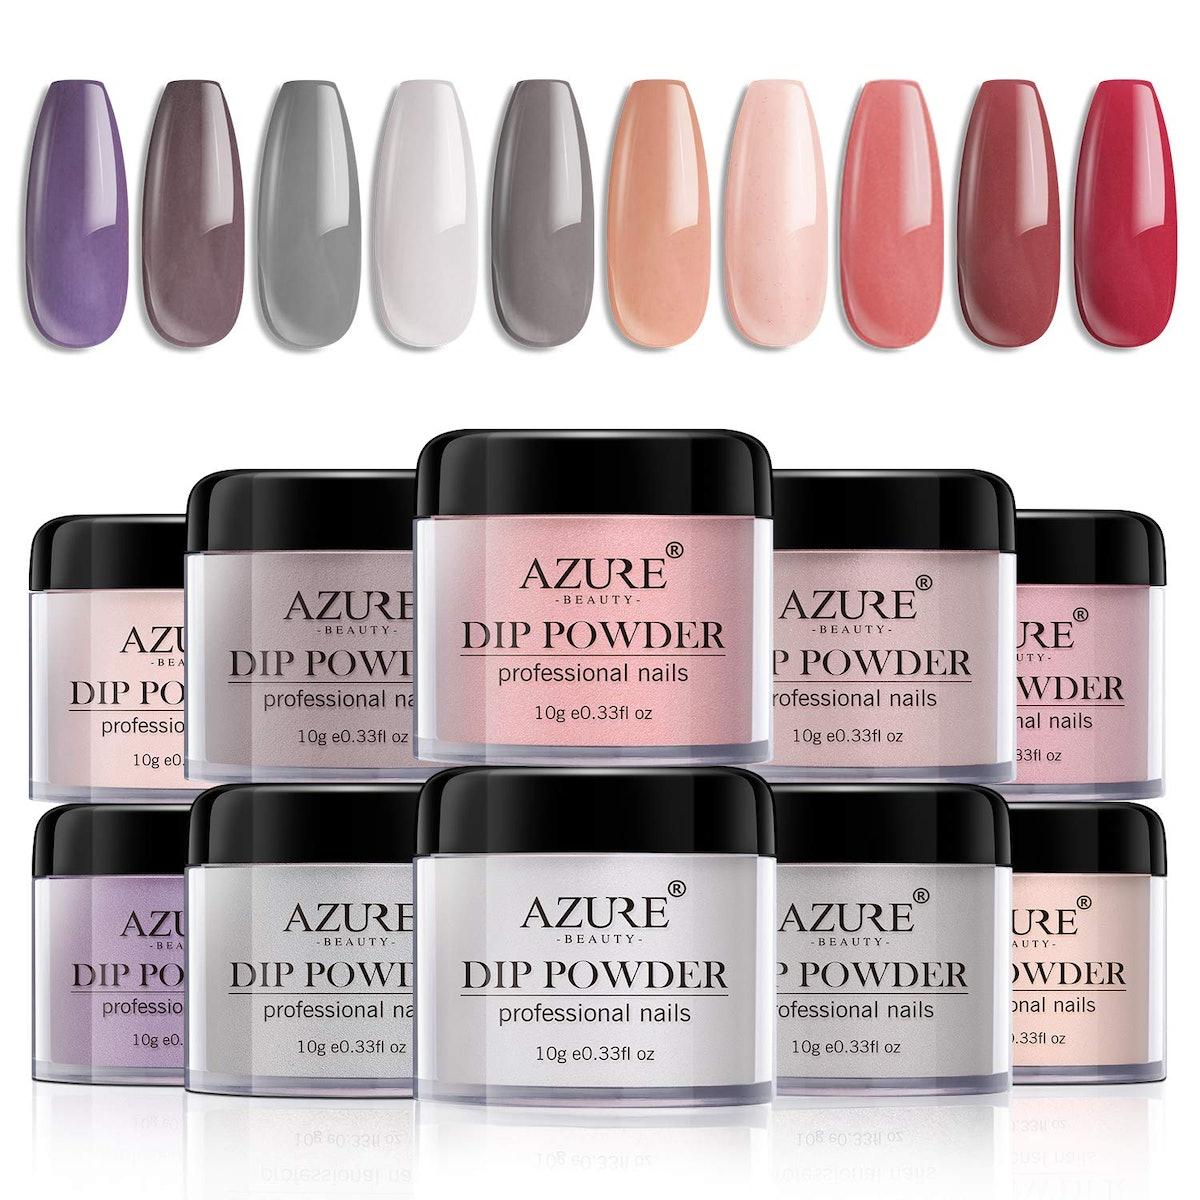 Azure Beauty Dip Powder Nails Color Set (10 Pieces)